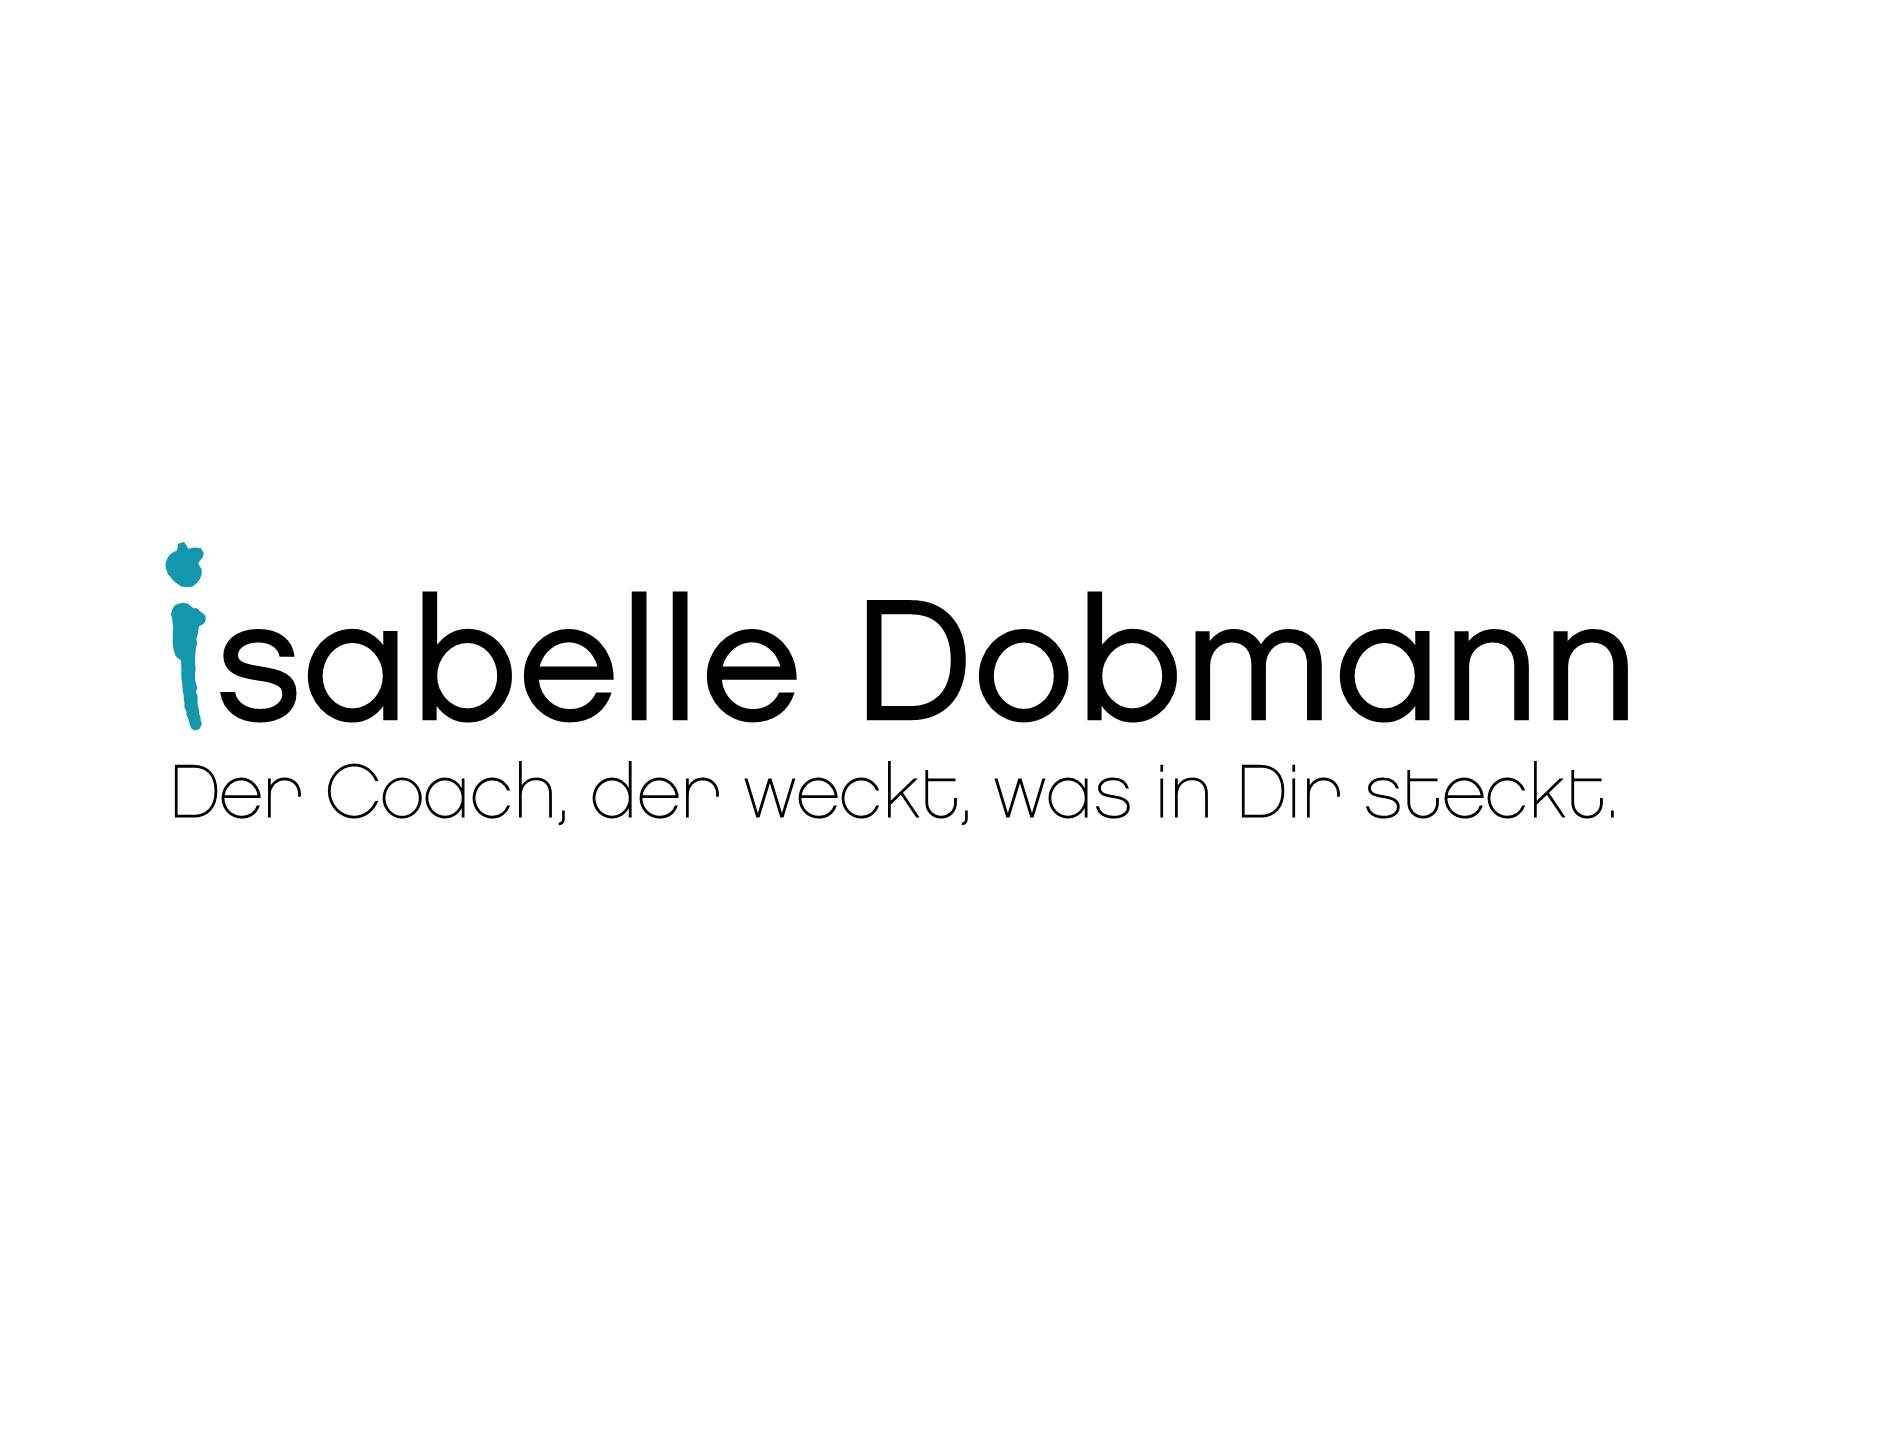 Isabelle Dobmann